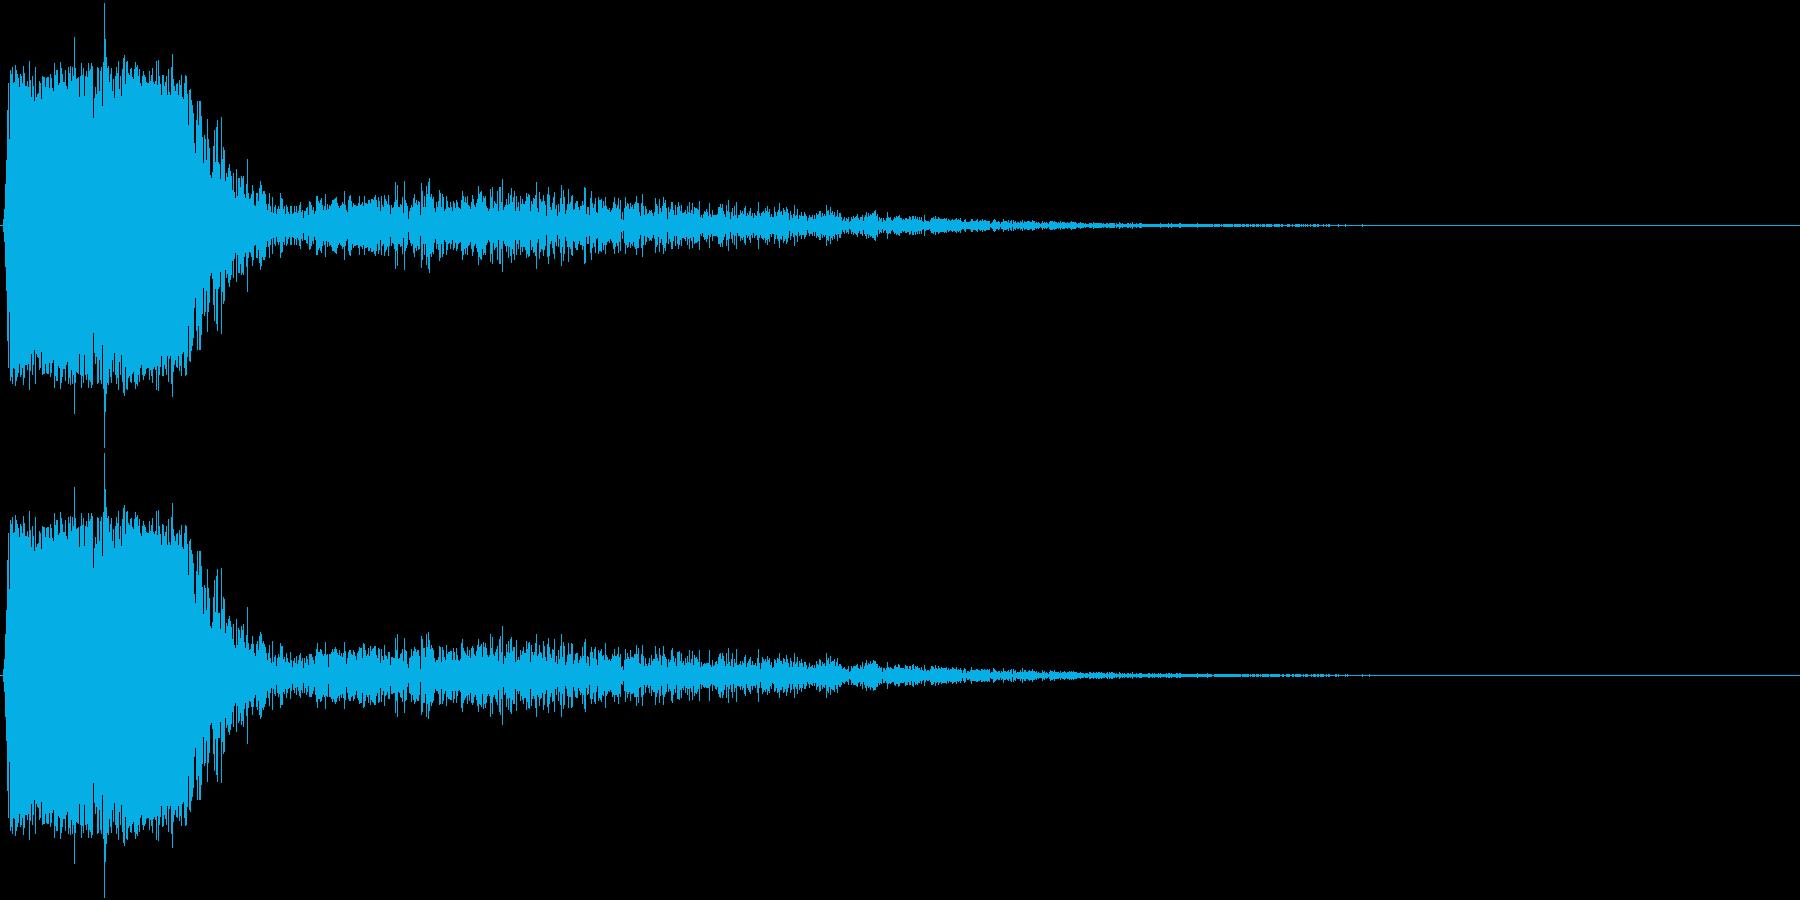 KAKUGE 格闘ゲーム戦闘音 60の再生済みの波形